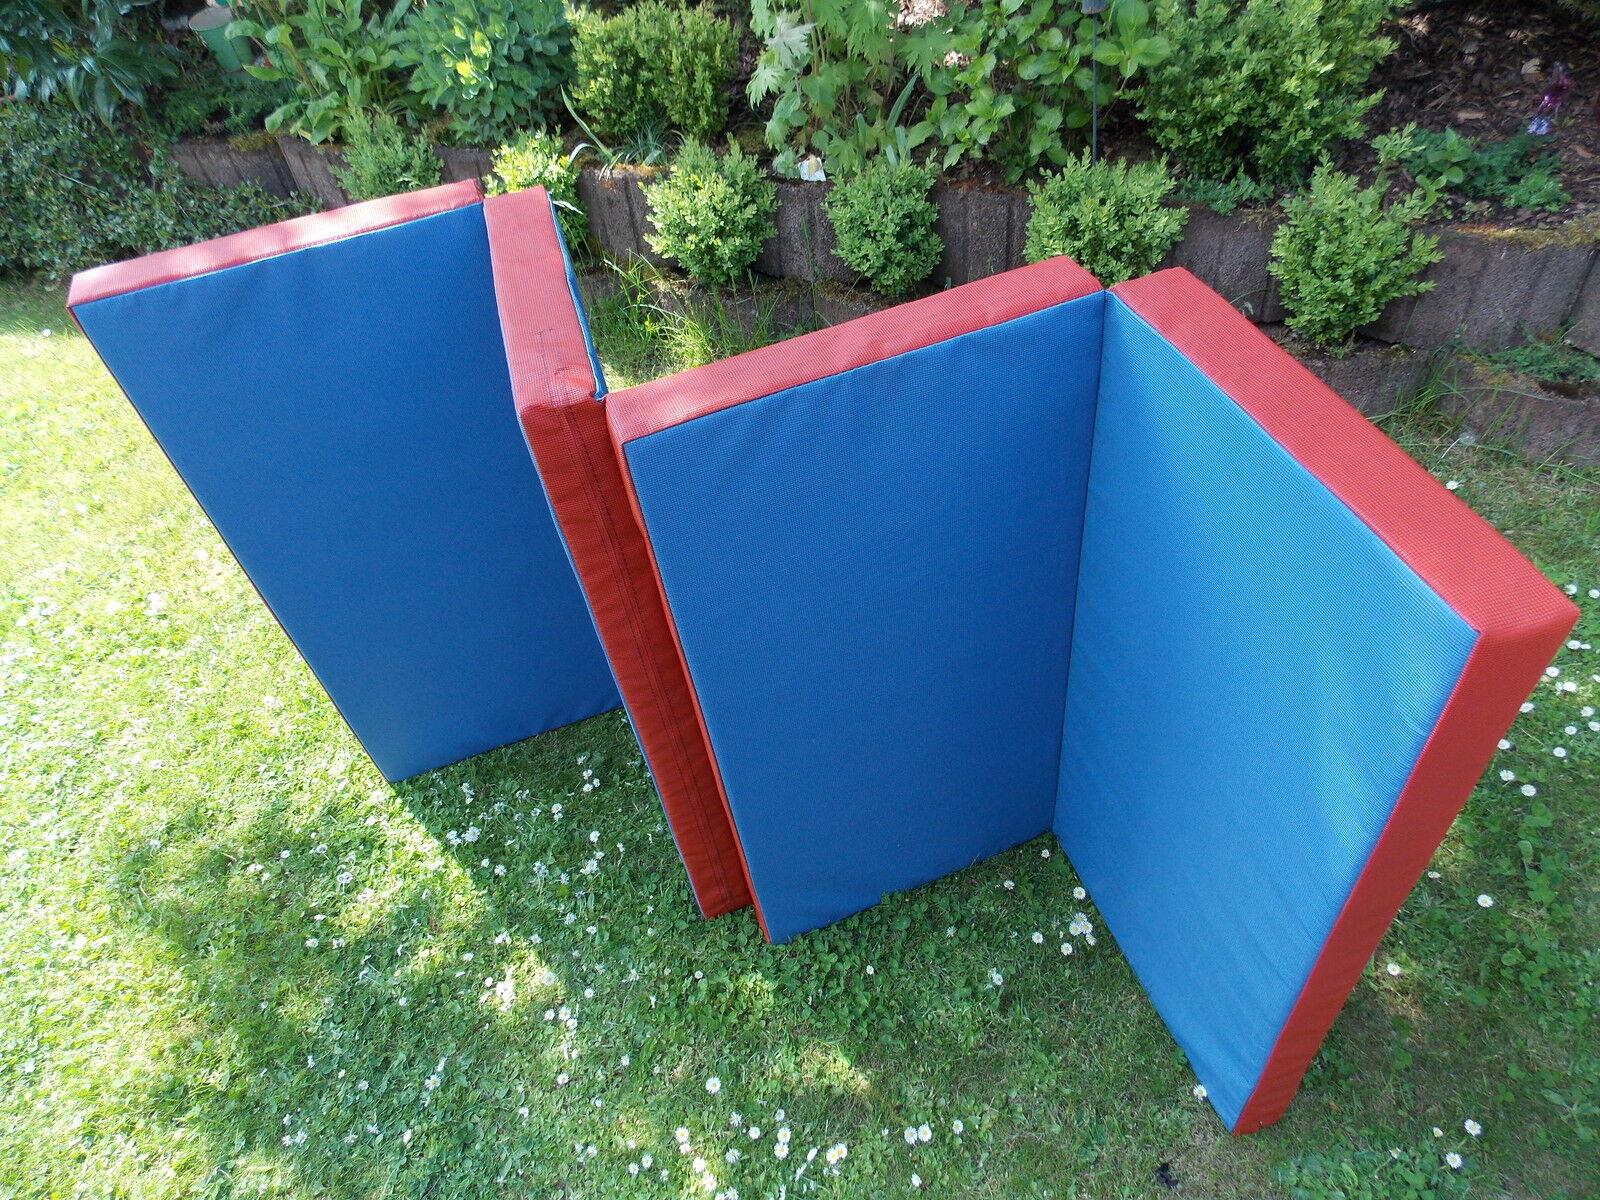 Weichbodenmatte, Turnmatte 200 x 100 x 8 cm - blau blau blau rot. 3 x klappbar 68f81c